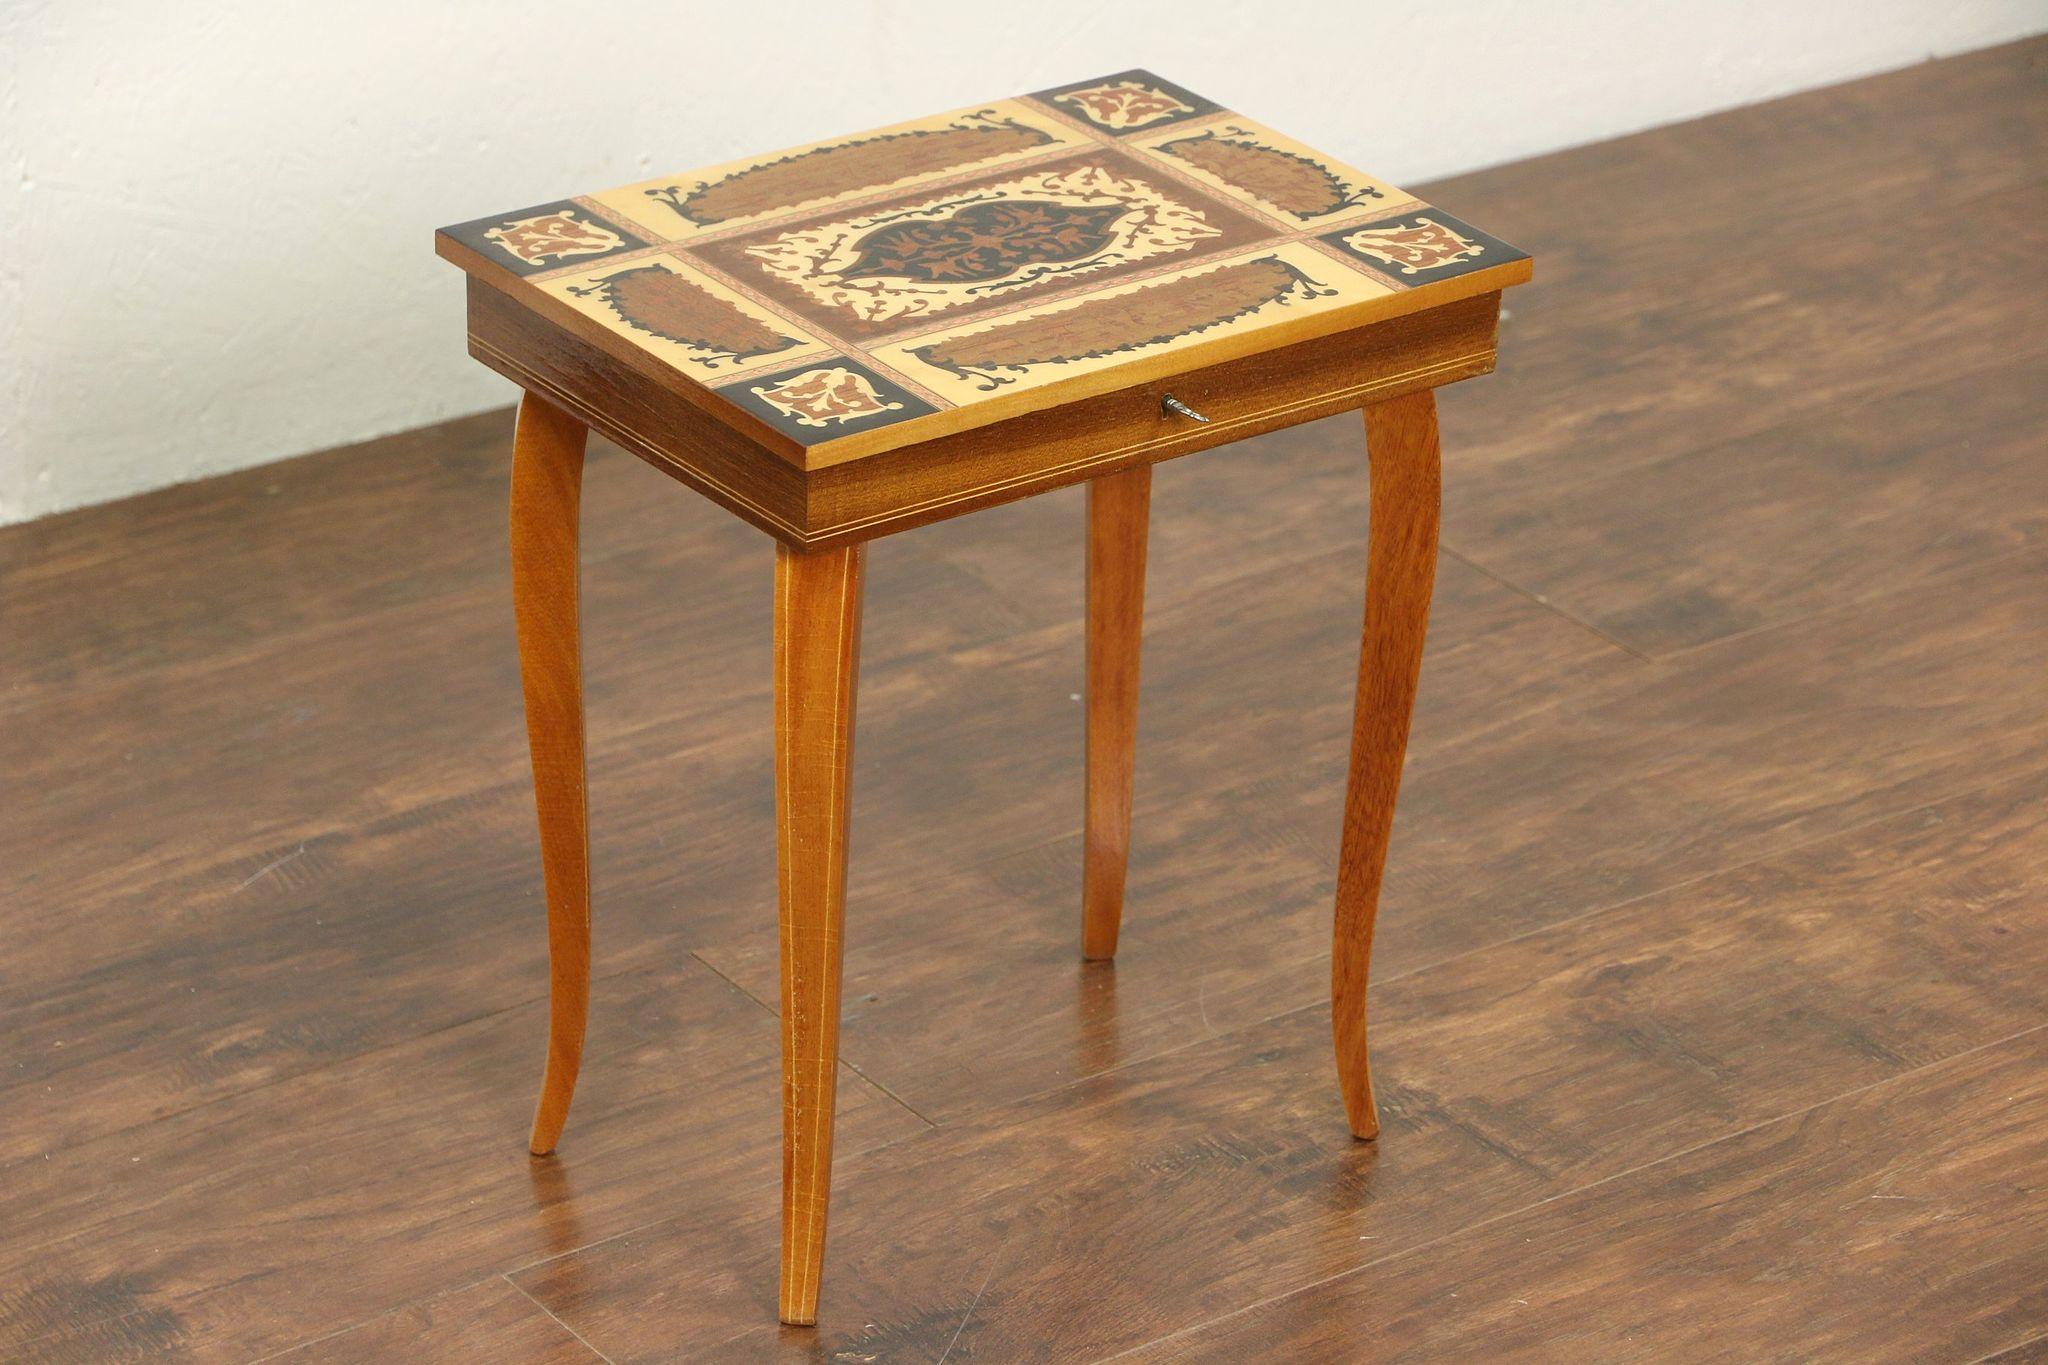 Jewel Chest U0026 Vintage Italian Inlaid Music Box Table